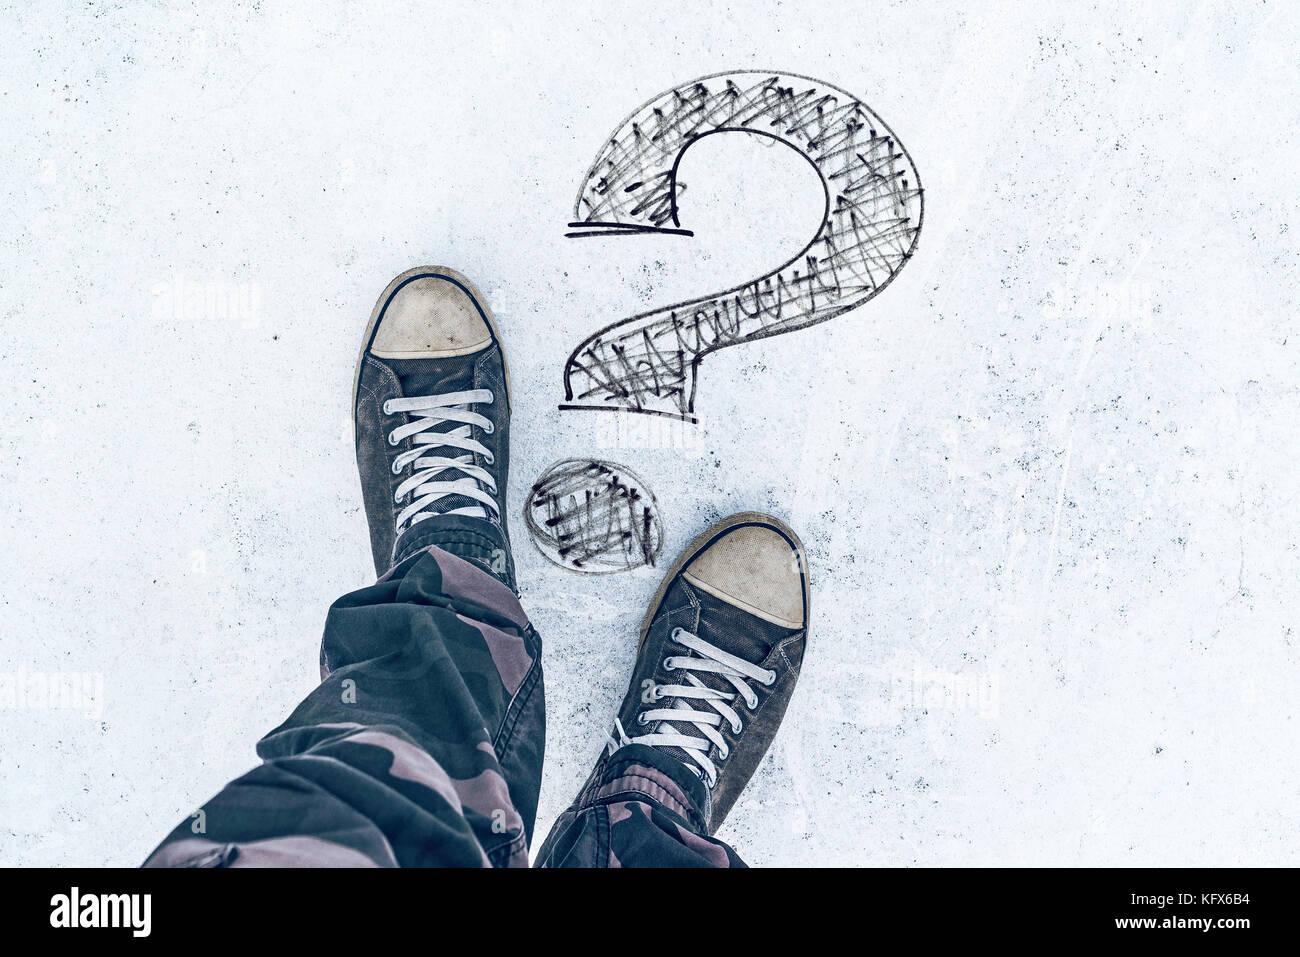 Point d'interrogation sur la route et sneakers, demande et poser des questions Photo Stock